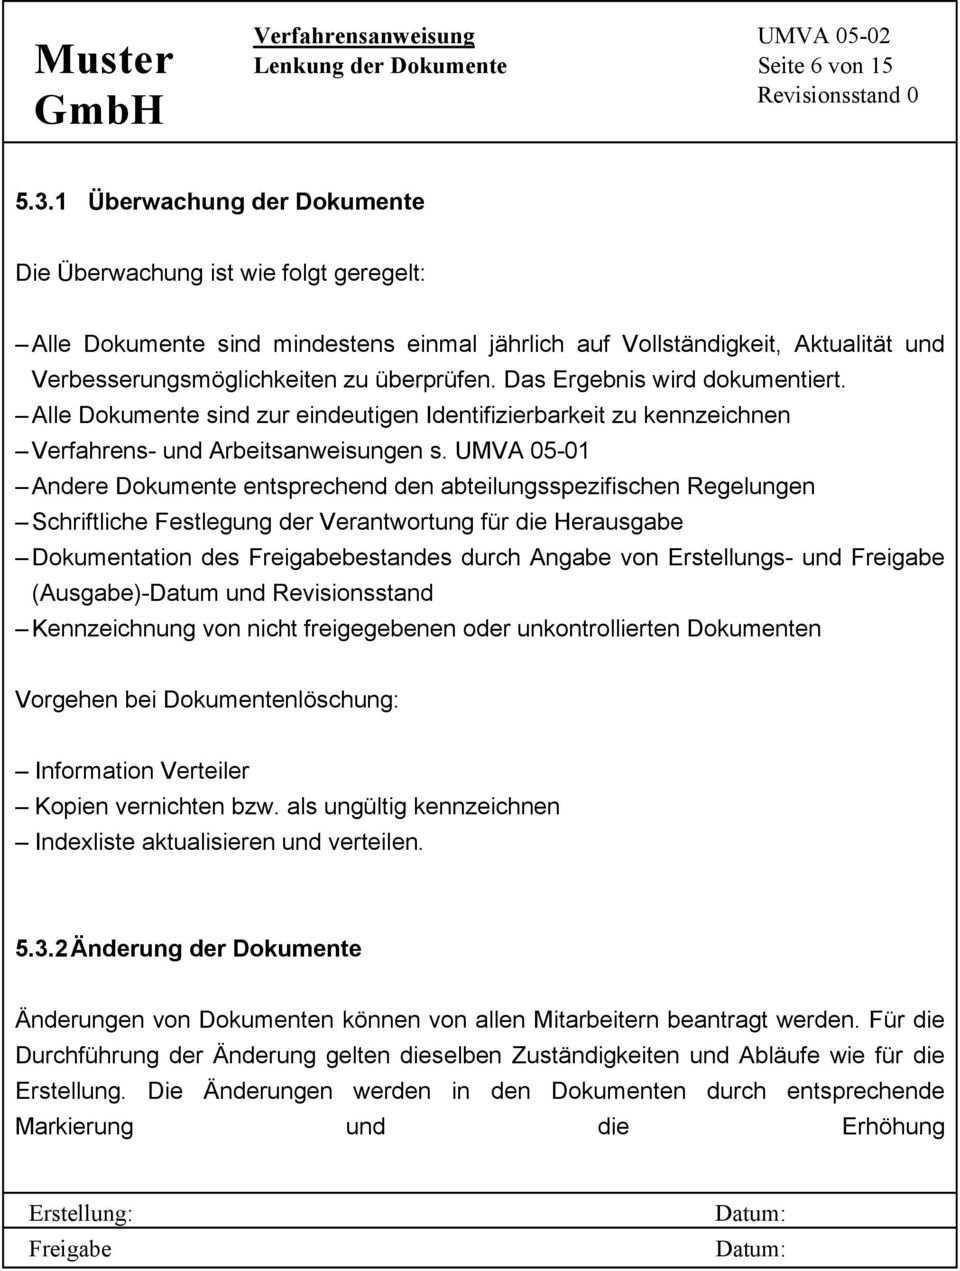 Muster Gmbh Verfahrensanweisung Umva Lenkung Der Dokumente Seite 1 Von 15 Revisionsstand 0 Inhaltsverzeichnis Pdf Free Download